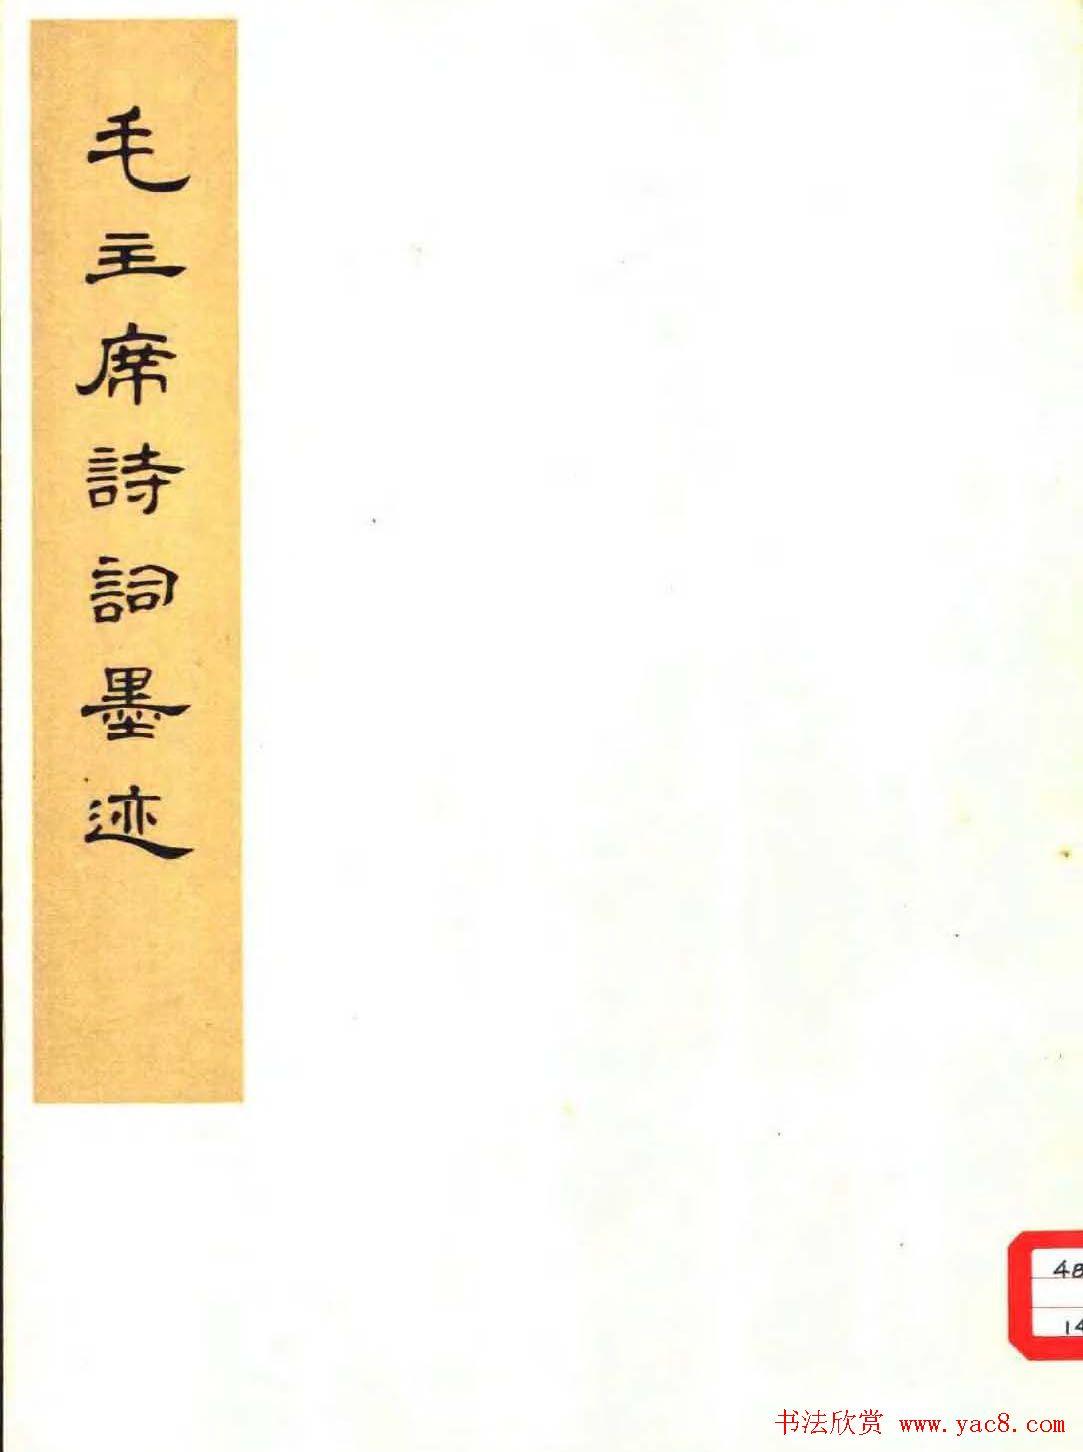 毛体书法欣赏《毛主席诗词墨迹》